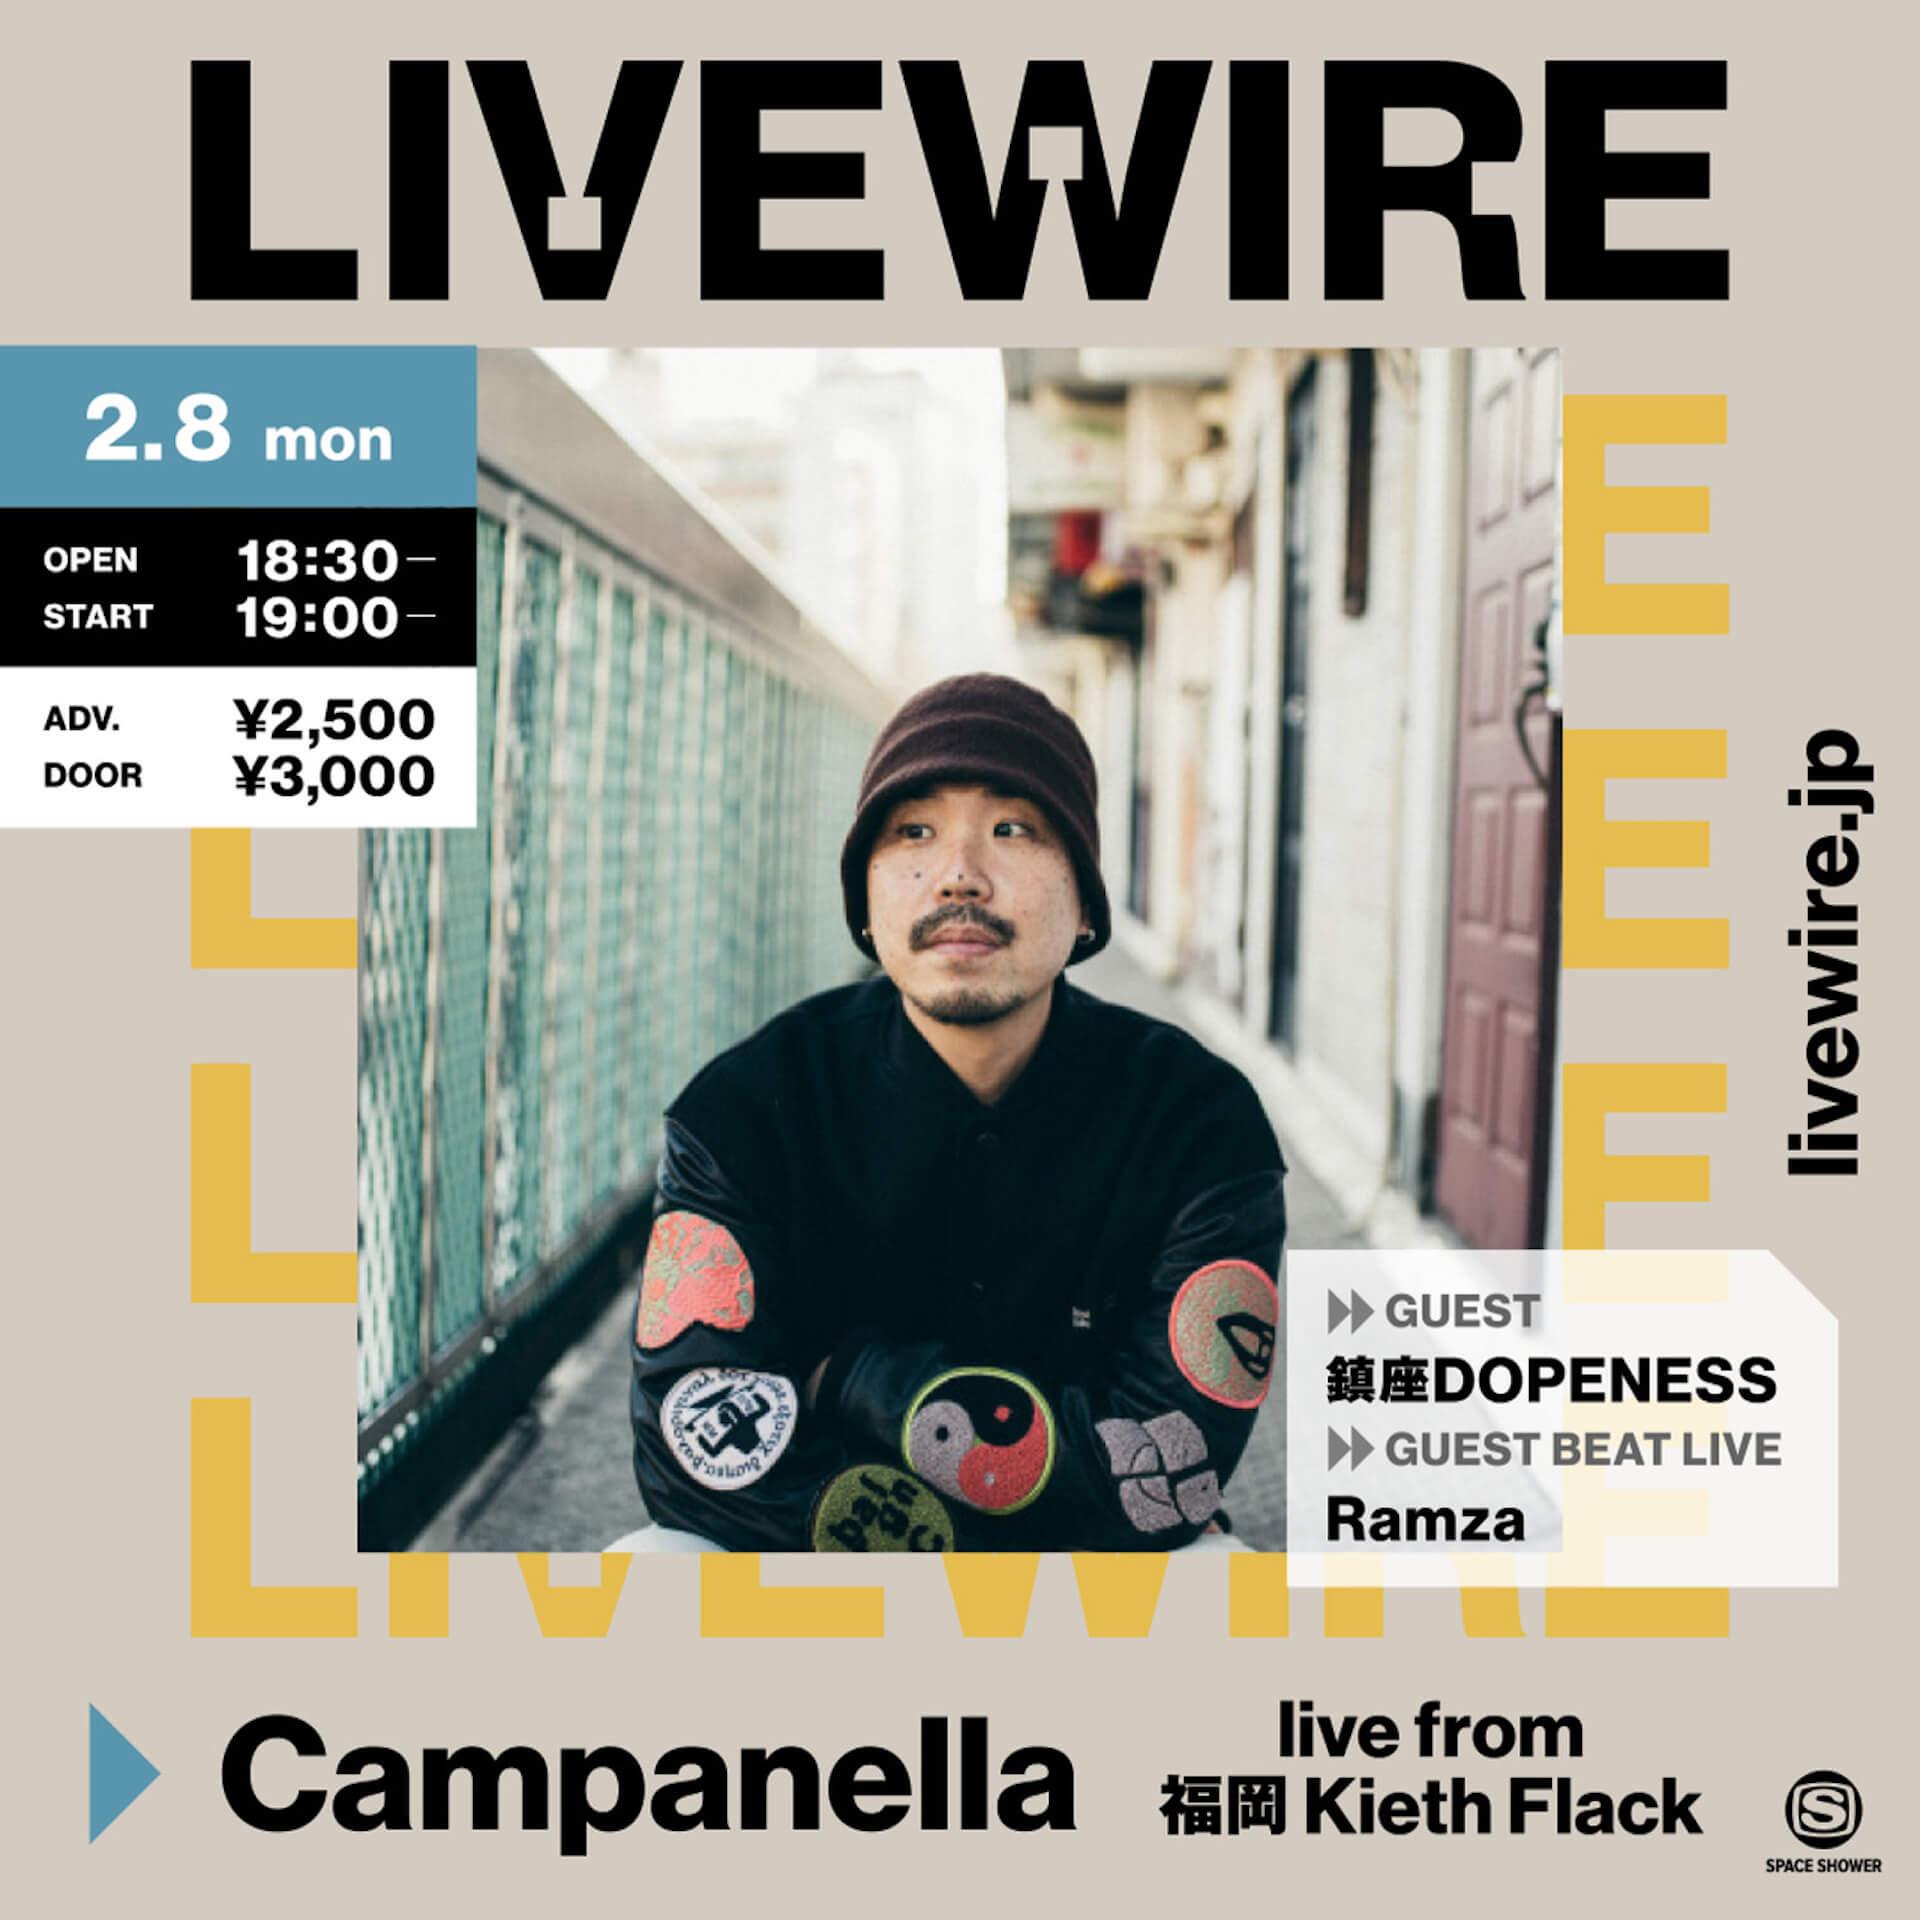 LIVEWIREで配信されるCampanellaのライブに鎮座DOPENESS&Ramzaの出演が決定!GOOD VIBES SHARING EXHIBITION & LIVE TOURは福岡で今週開催 music210203_campanella_livewire_main